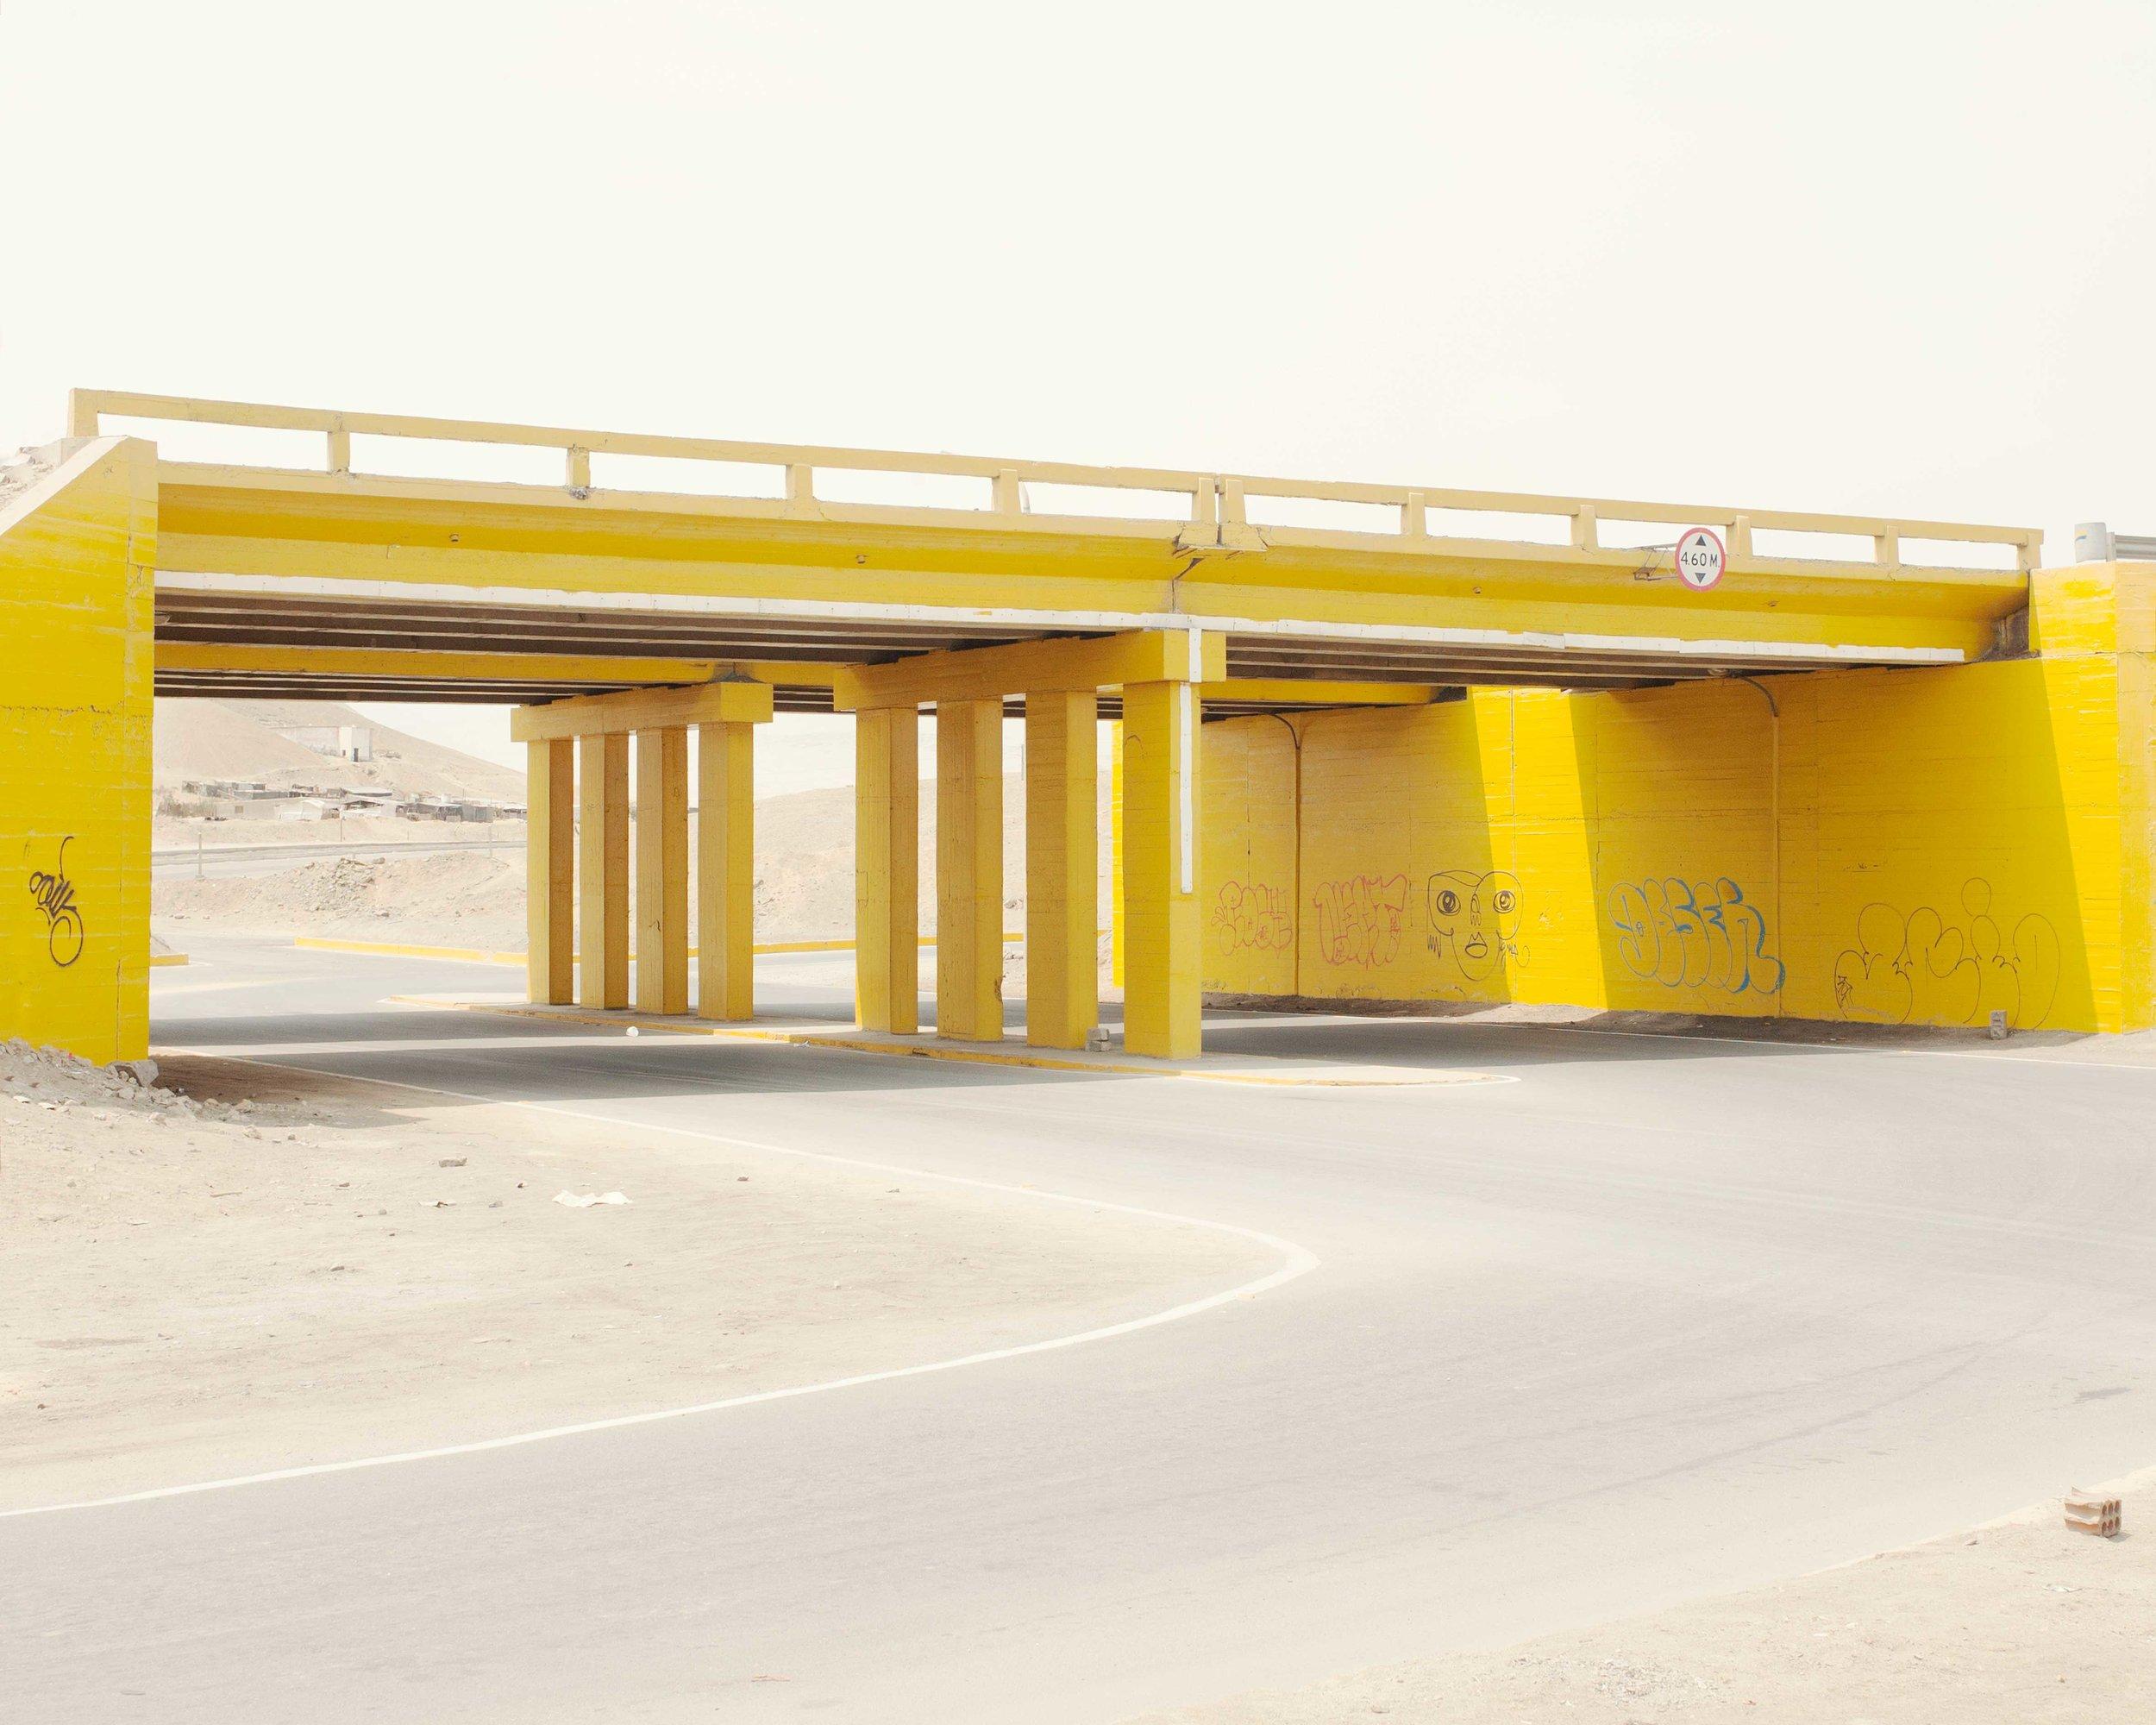 Sur Chico - Puente San Bartolo, 2012